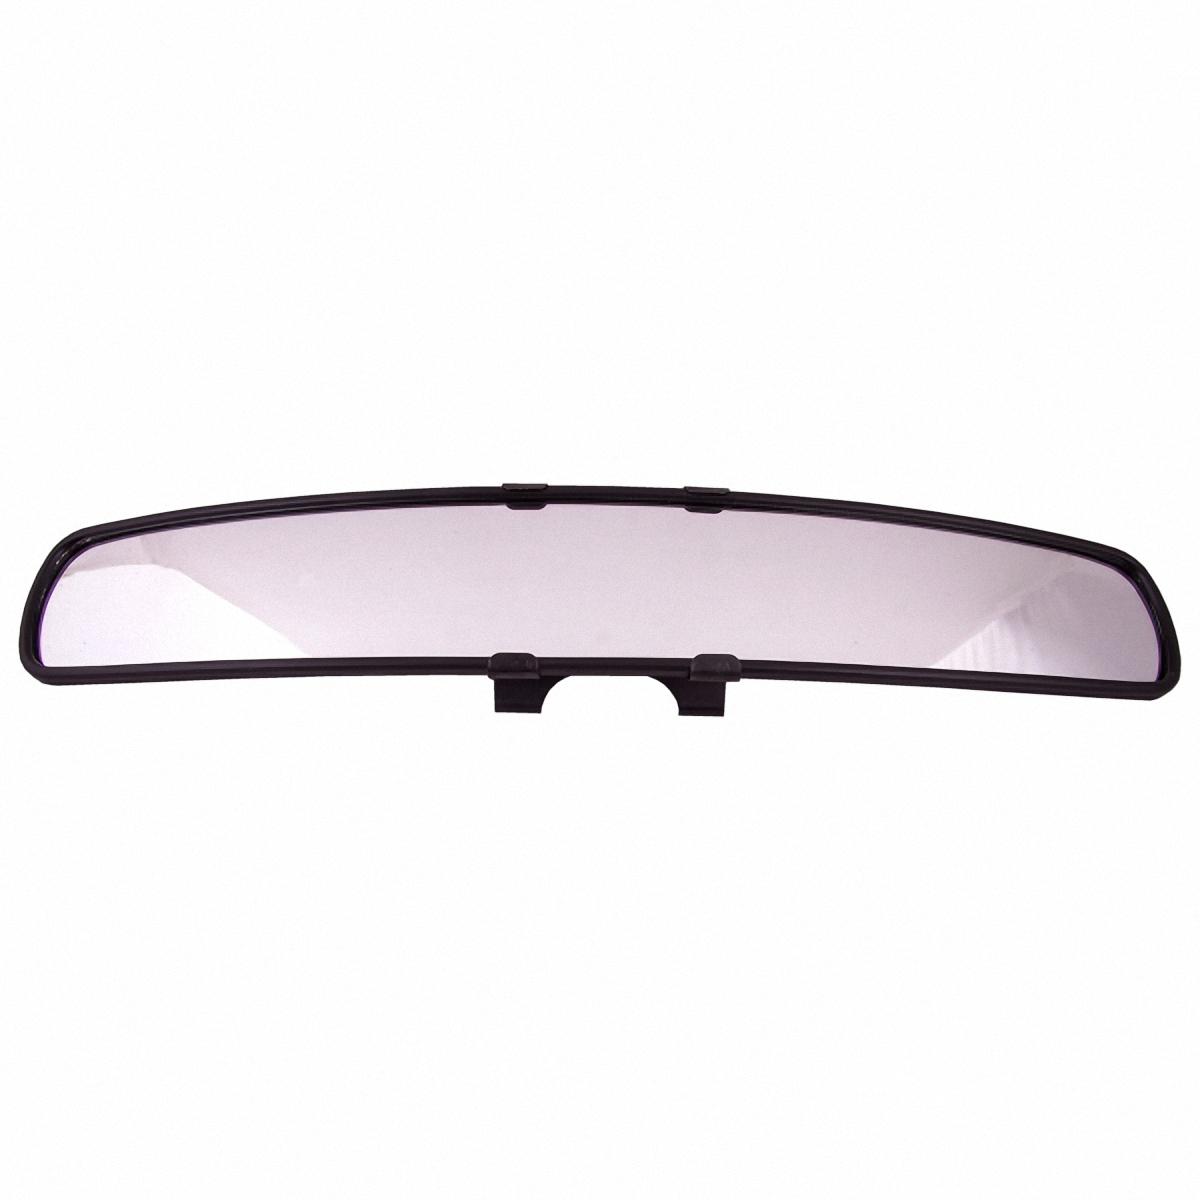 Зеркало внутрисалонное Skyway, панорамное. S01001004S01001004Зеркало внутрисалонное, панорамное, 17 (430мм), изготовлено из ABS-пластика и высококлассного хромированного стекла. Позволяет водителю видеть предметы, находящиеся за автомобилем, значительно расширяя обзор и снижая риск аварийноопасных ситуаций. Особенности: Конструкция внутрисалонного панорамного зеркала спроектирована таким образом, чтобы оно расширяло зону заднего обзора, захватывая слепые зоны. Высококлассное хромированное стекло снизит риск ослепления и избавит от раздвоенных изображений. Лёгкий вес и тонкая конструкция. Зеркало заднего вида Skyway просто в установке и подходит для всех моделей автомобилей.